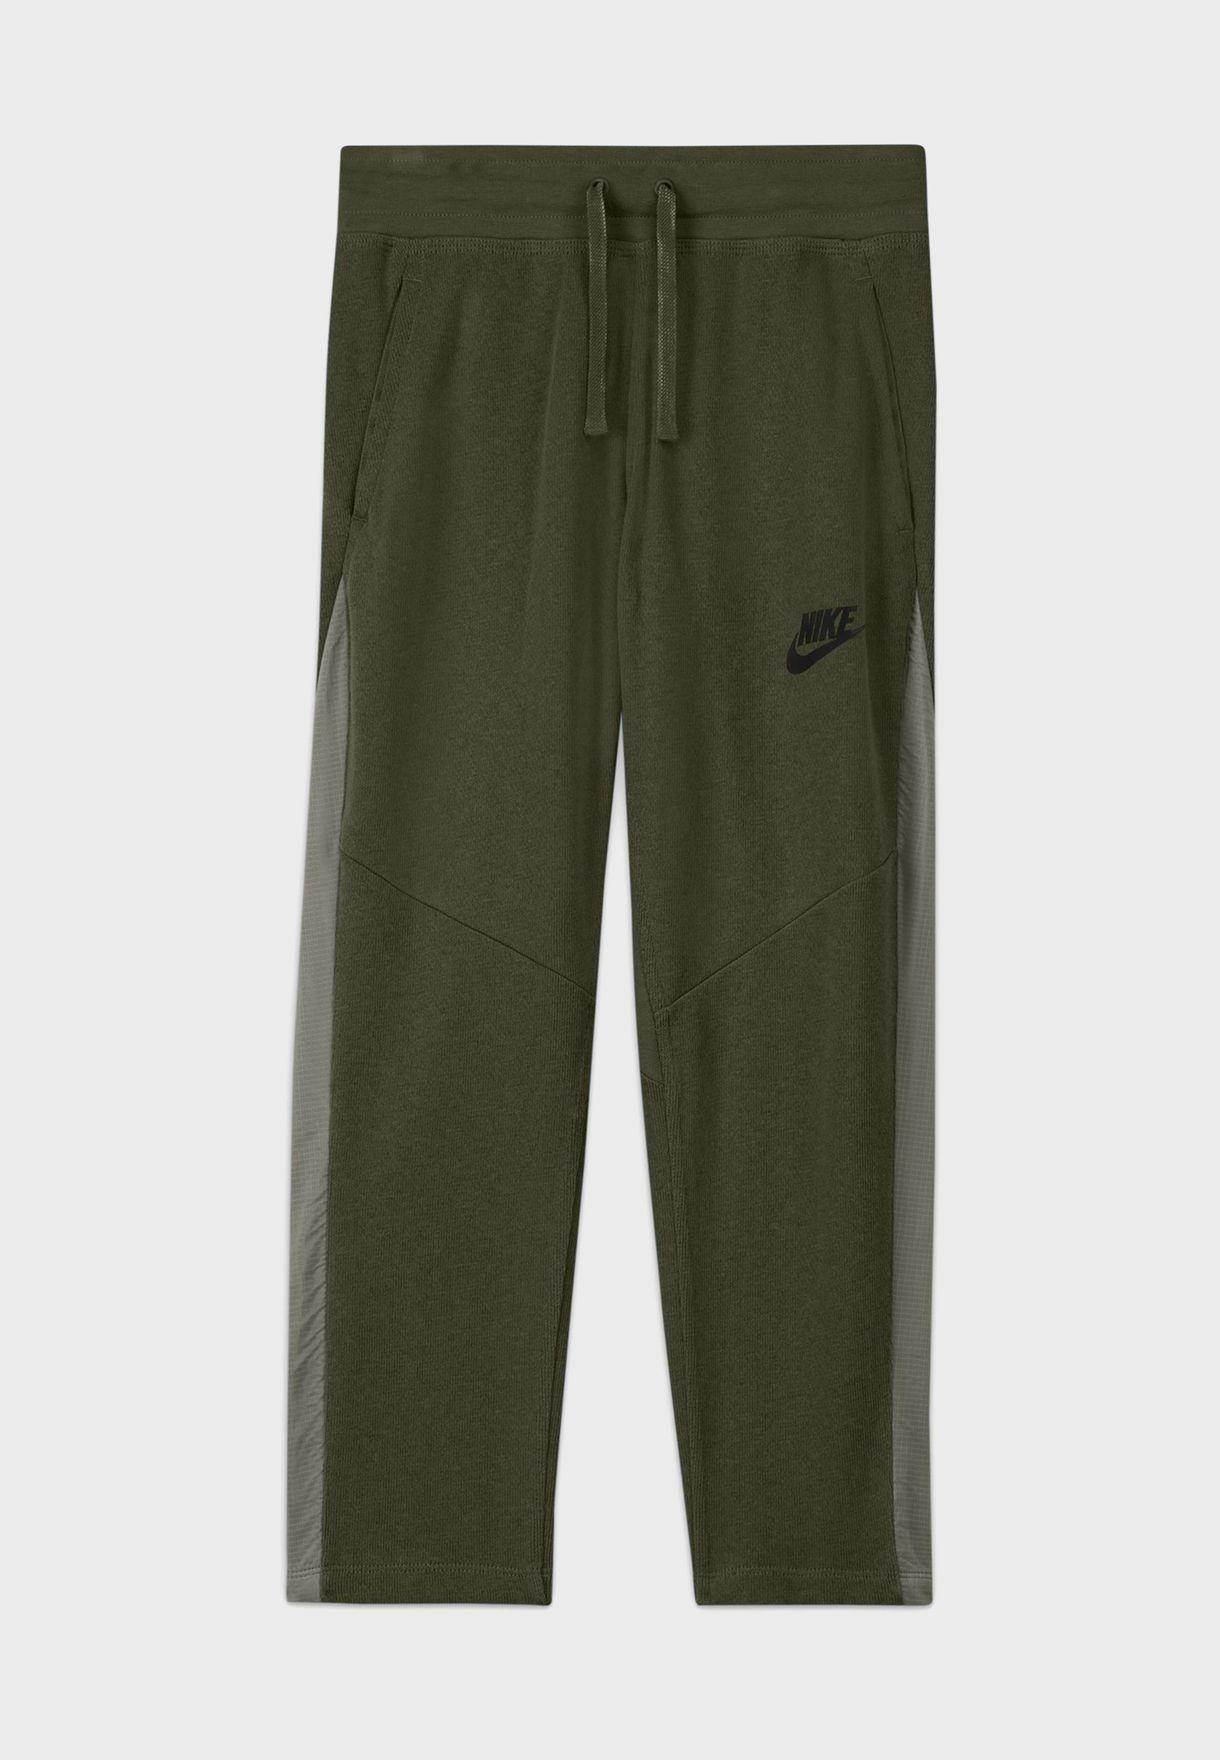 Youth NSW Utility Fleece Sweatpants